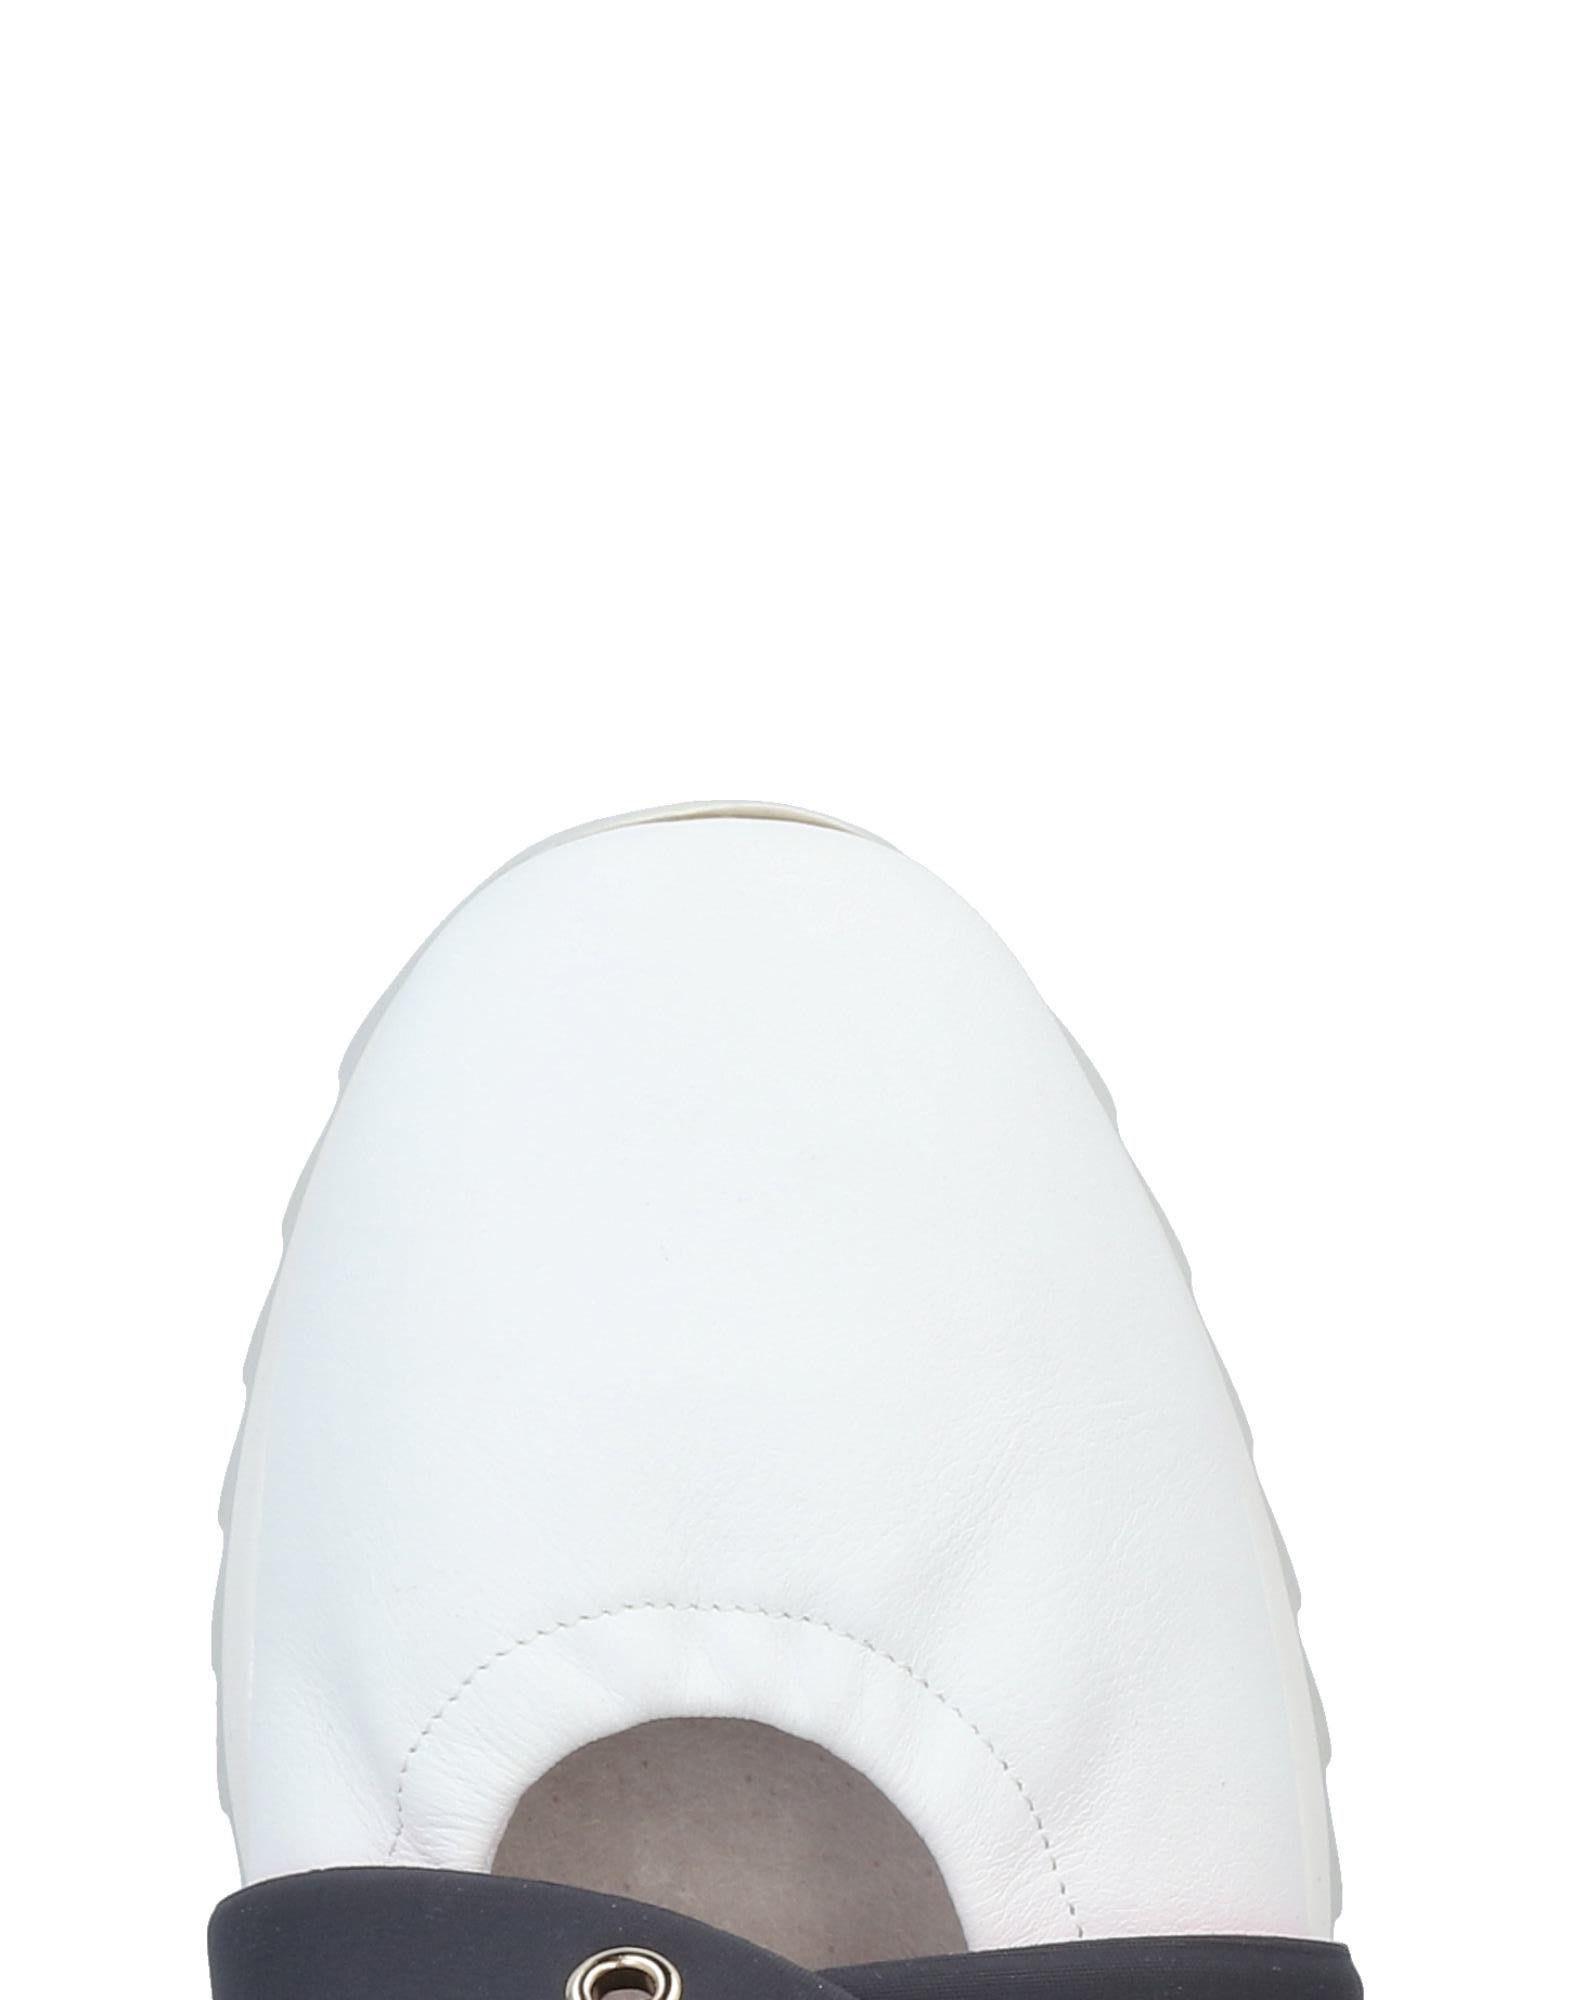 Gut um billige Schuhe zu tragenPatrizia 11432029BA Pepe Ballerinas Damen  11432029BA tragenPatrizia c385b3